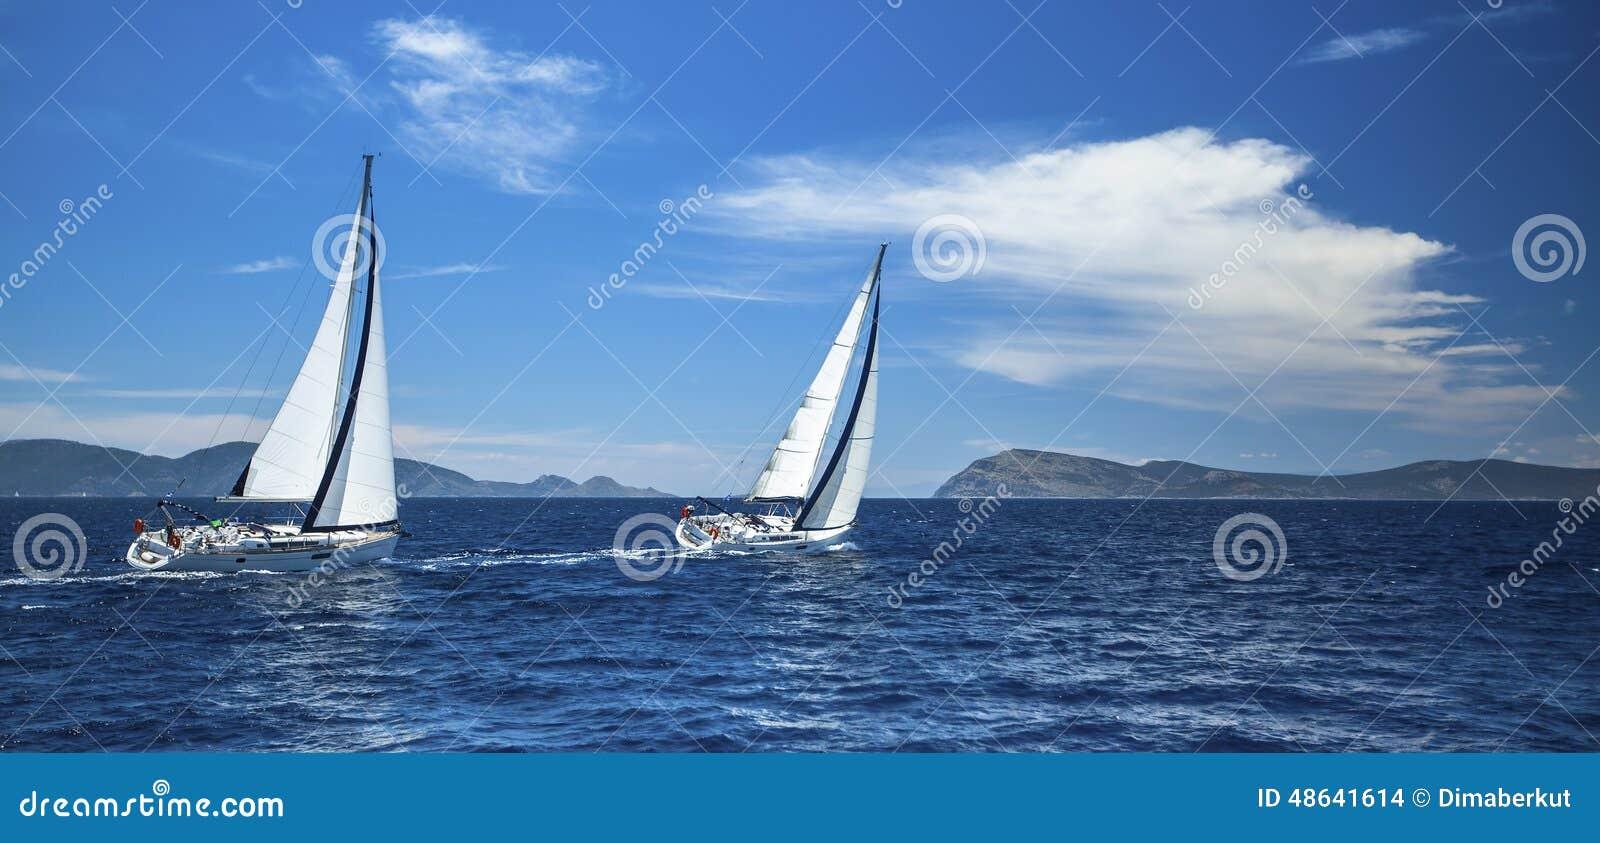 Panorama van het jachtras in de open zee sailing